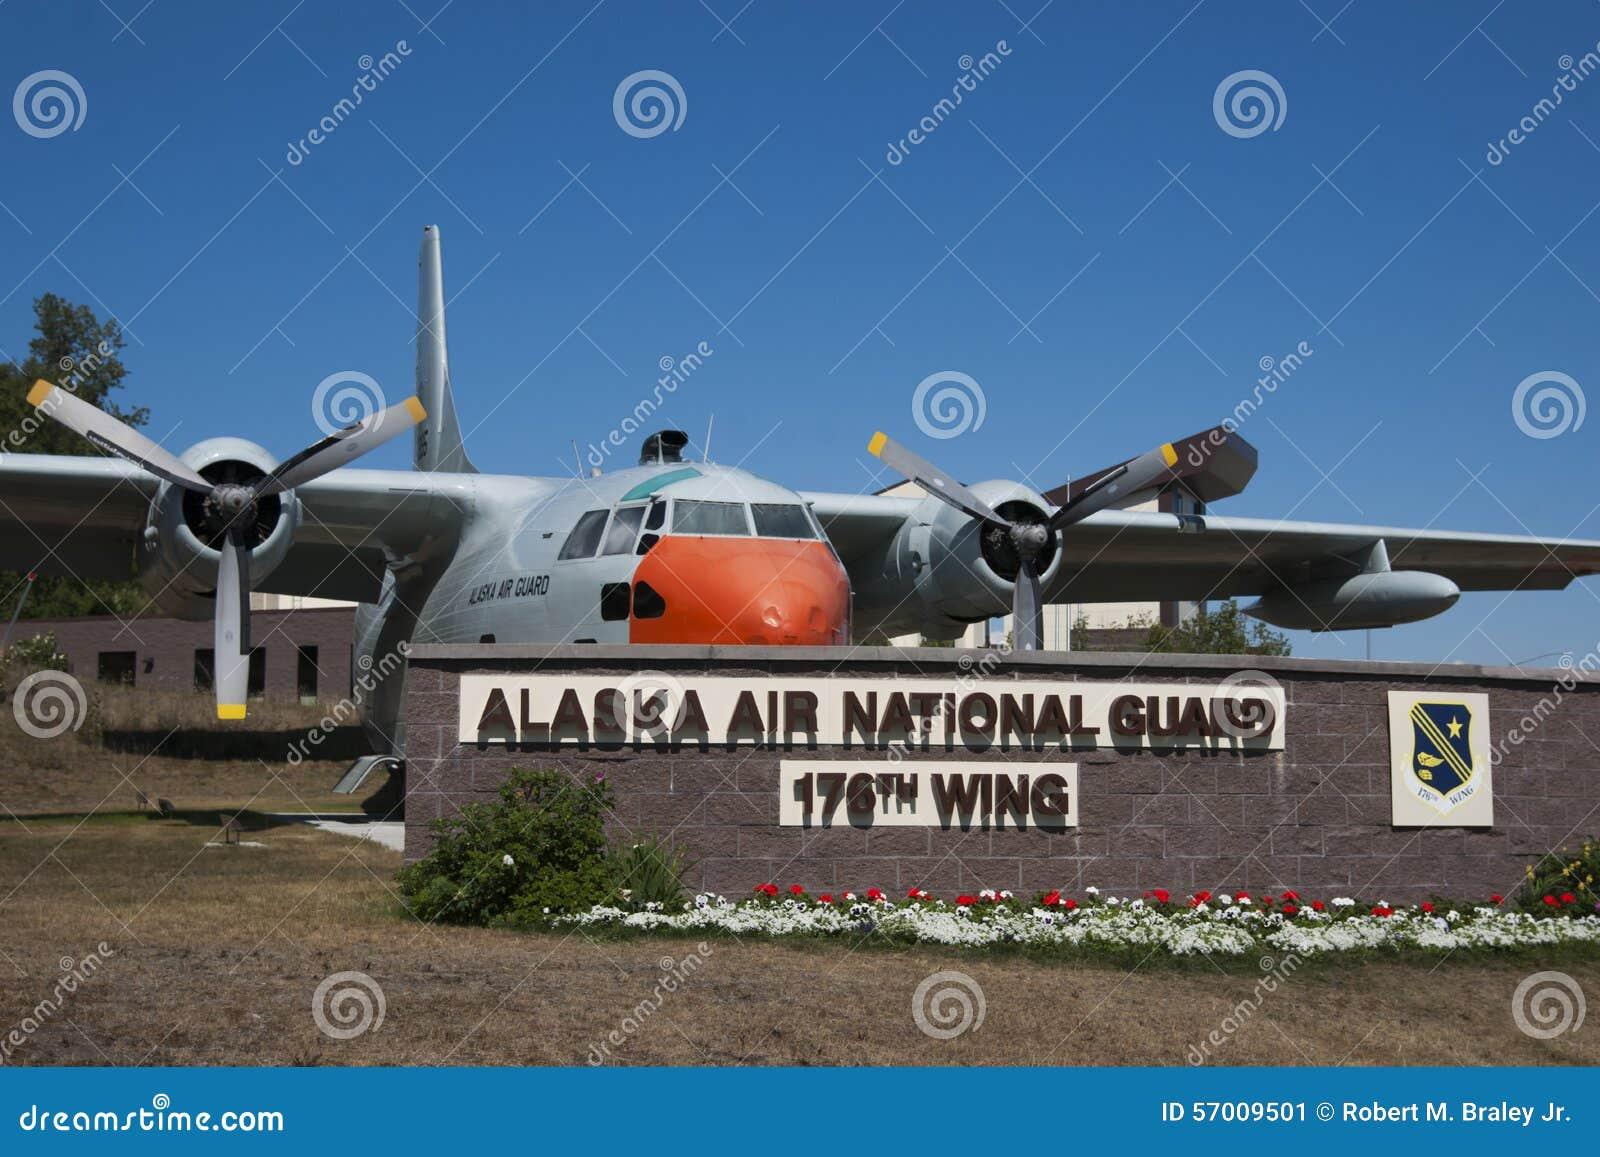 C-123 Fairchild Provider 176th Wing